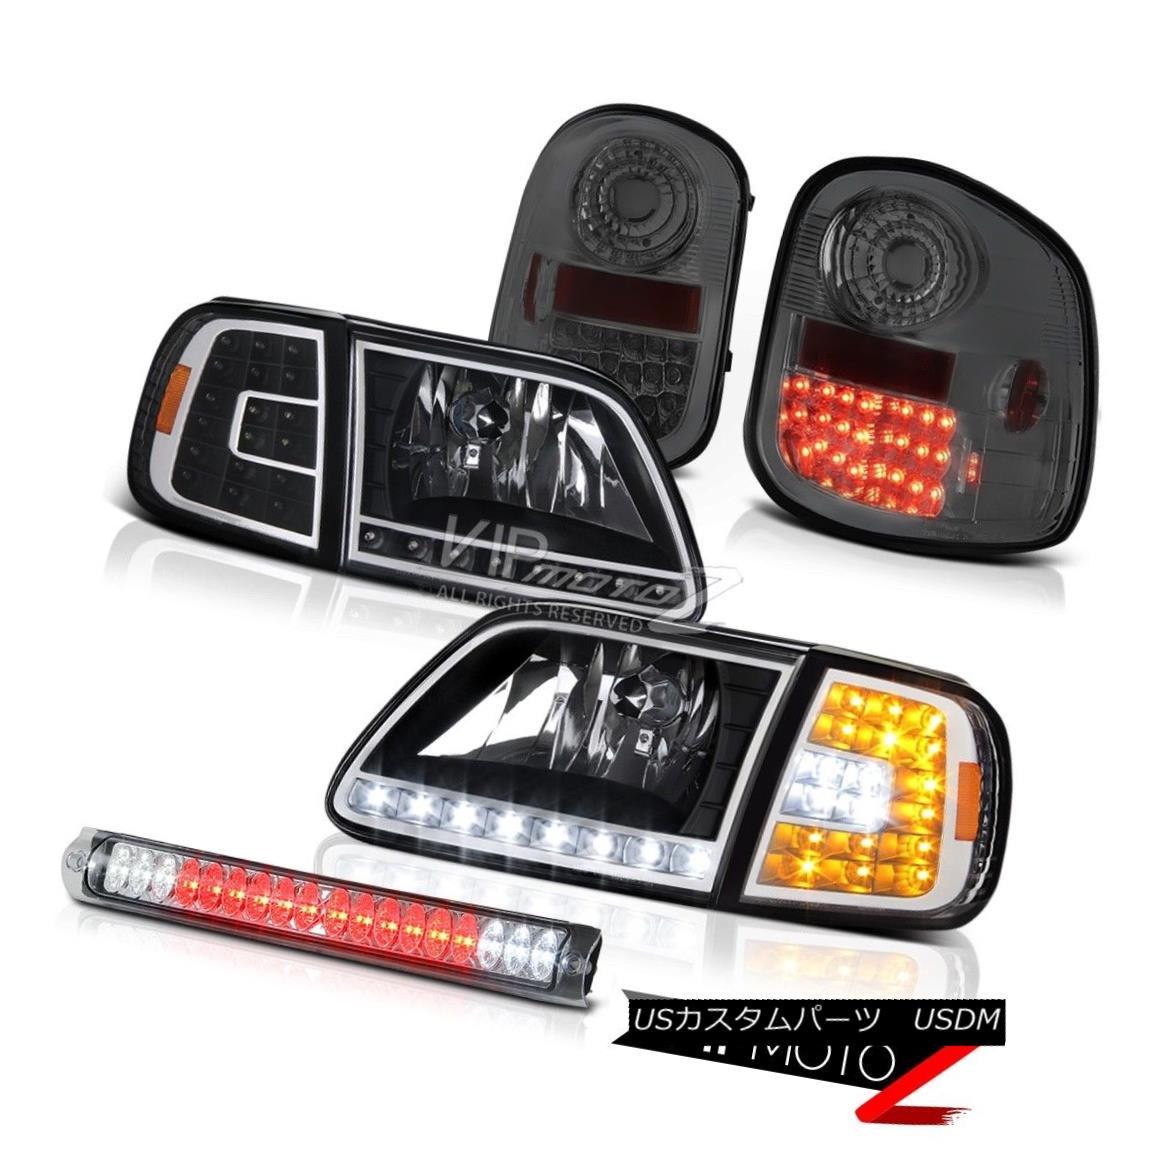 テールライト LED Crystal Corner Headlights Smoke Taillight 3rd Brake 97-03 F150 Flareside SVT LEDクリスタルコーナーヘッドライトスモークテールライト3rdブレーキ97-03 F150 Flareside SVT